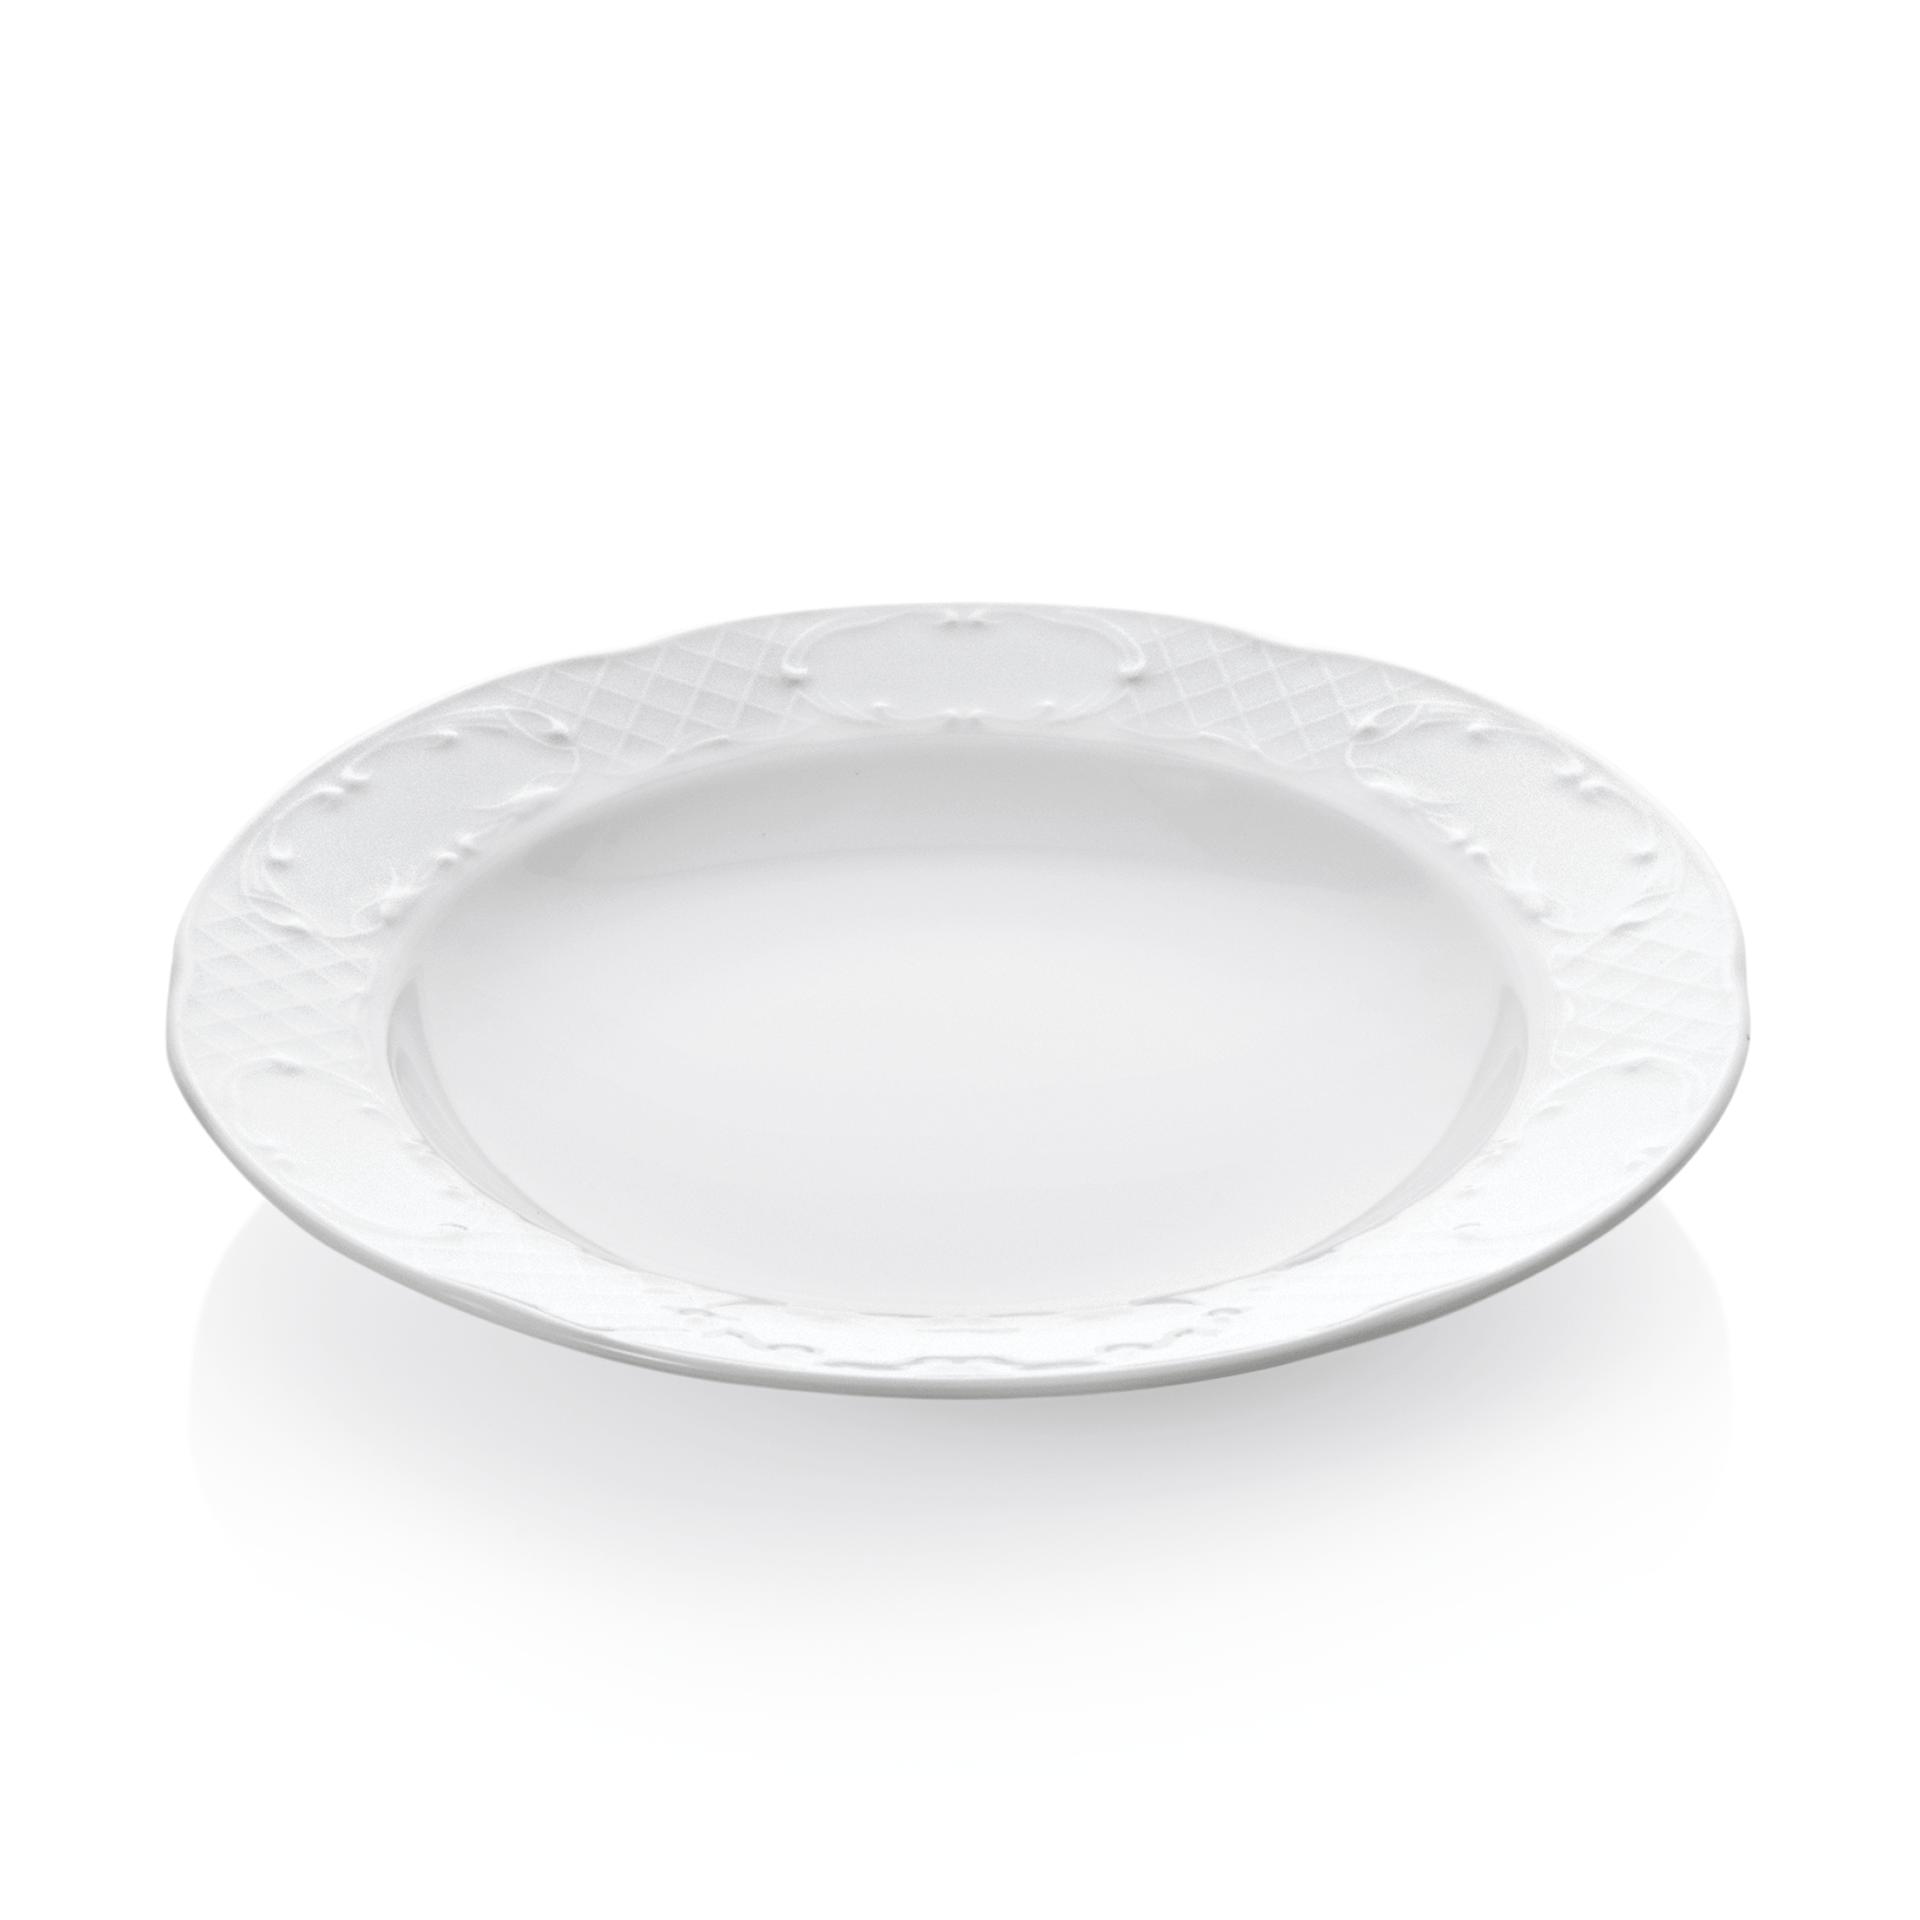 porzellan teller mit relief tief 22cm ganz einfach hier bestellen gastro billig gastronomie